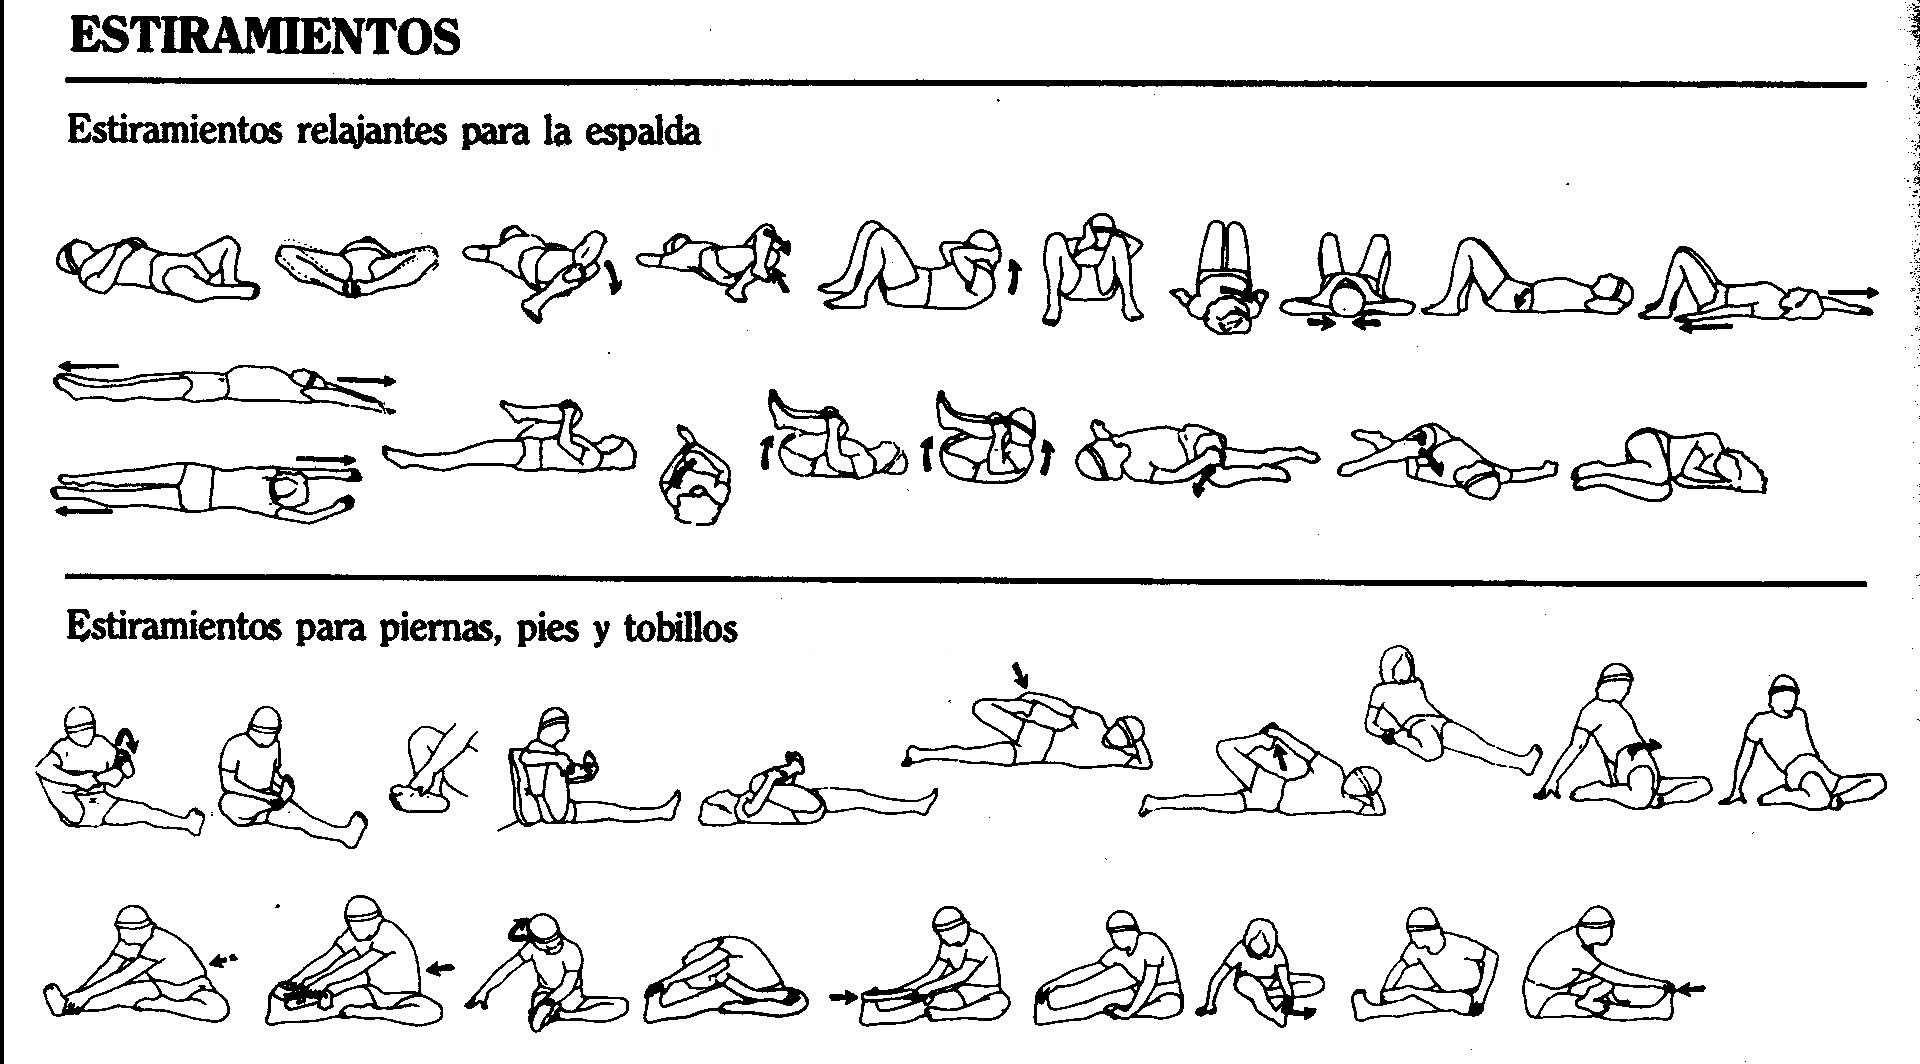 piernas y espalda   Estiramientos   Pinterest   Espalda, Piernas y ...